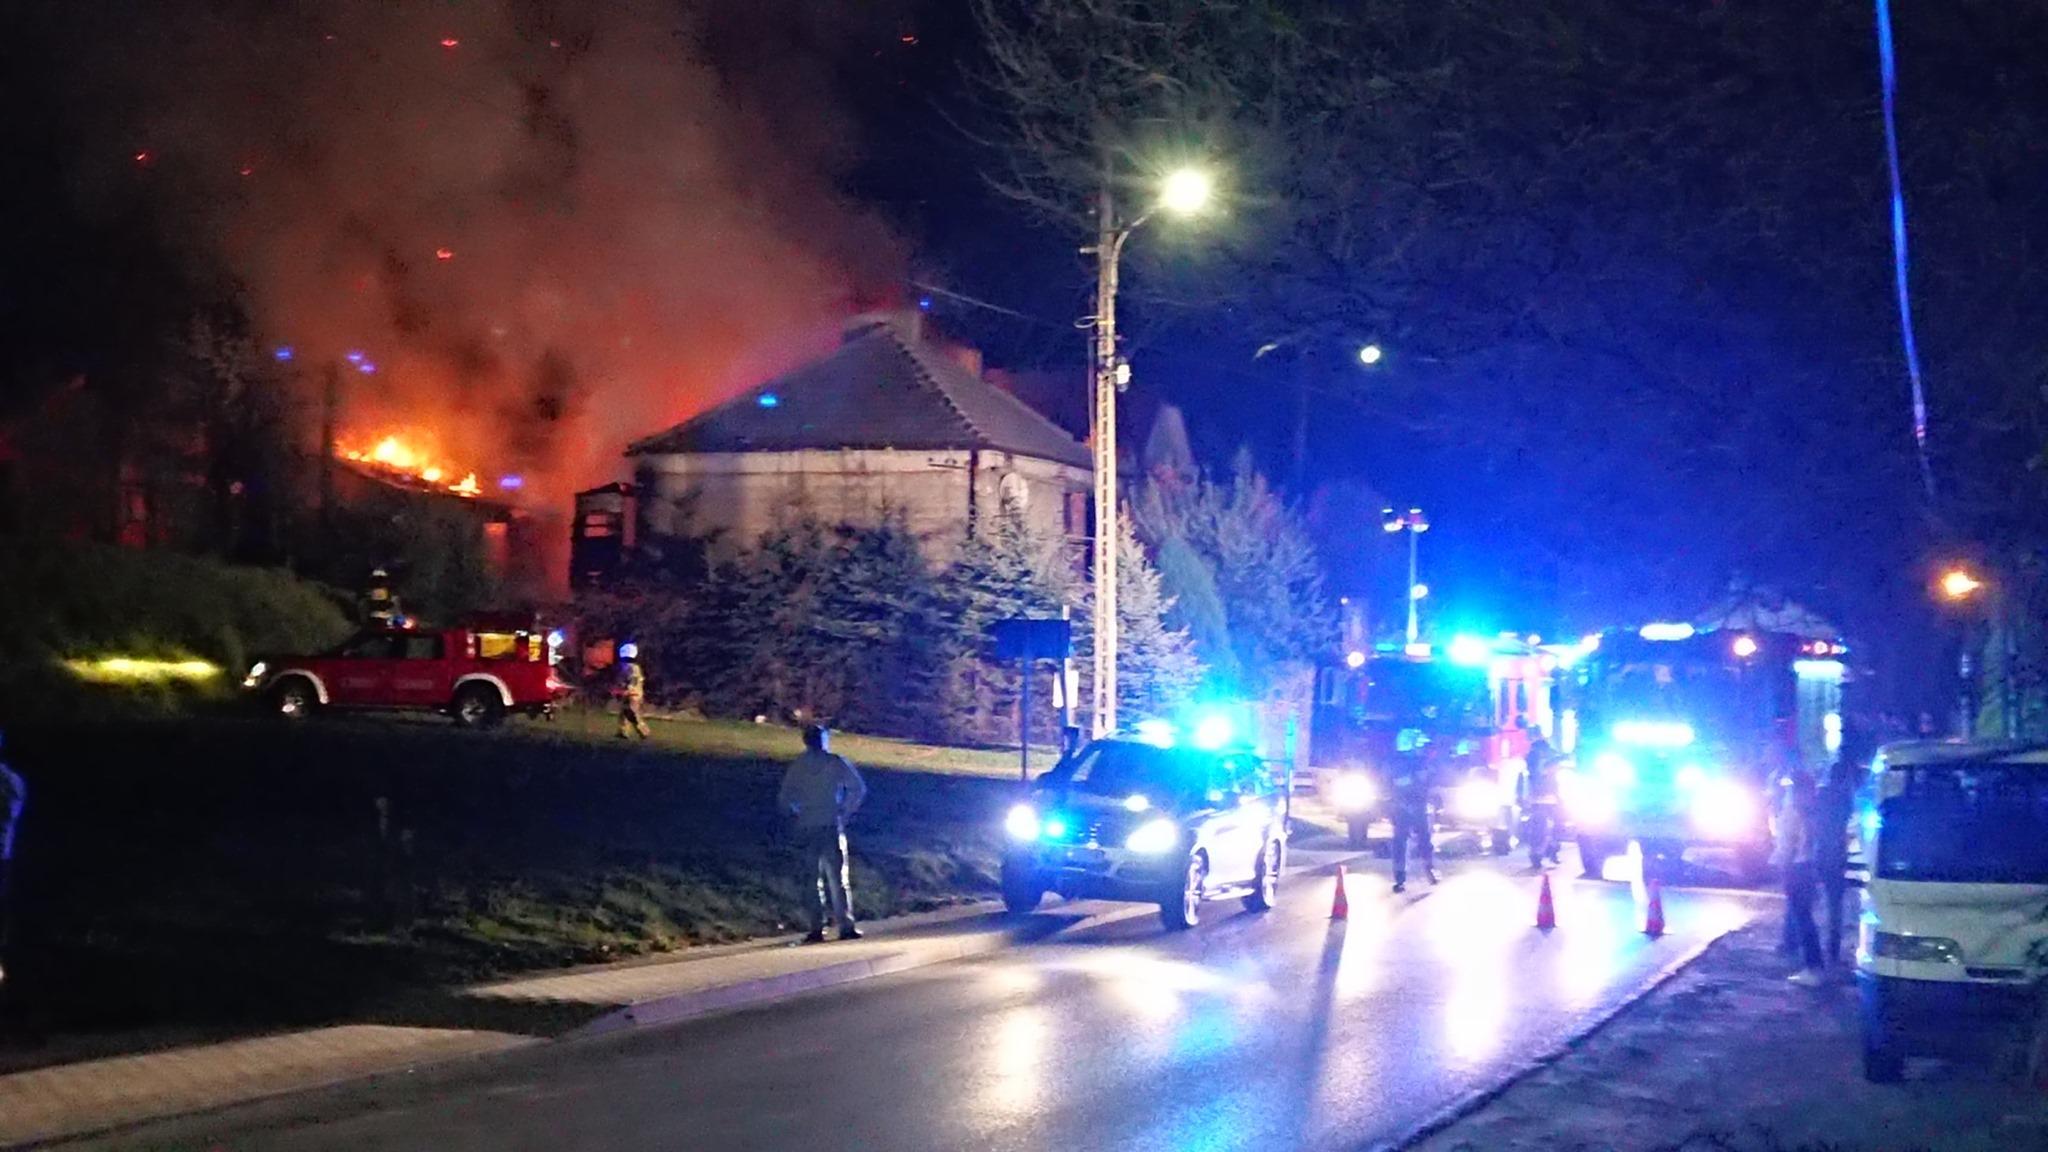 Z PODKARPACIA. Kobieta zginęła w pożarze domu [FOTO] - Zdjęcie główne